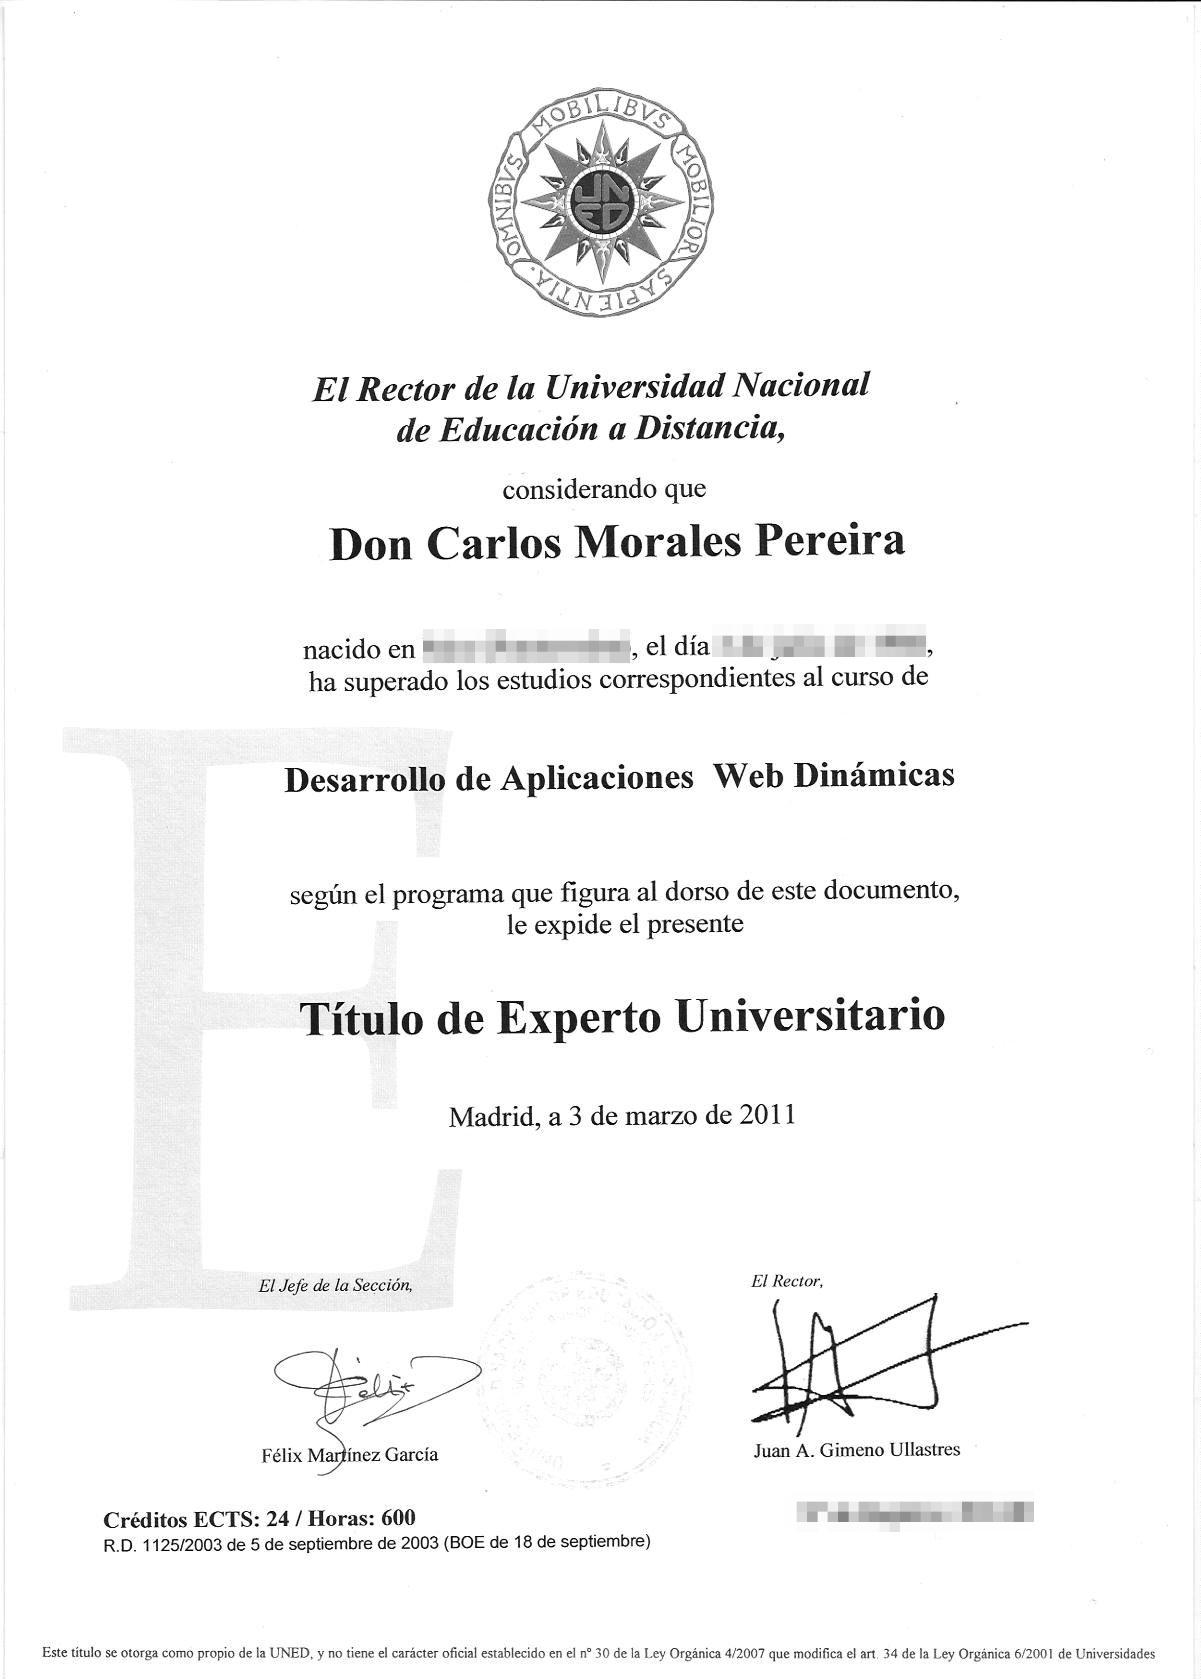 Título de Experto Universitario en Desarrollo de Aplicaciones Web Dinámicas